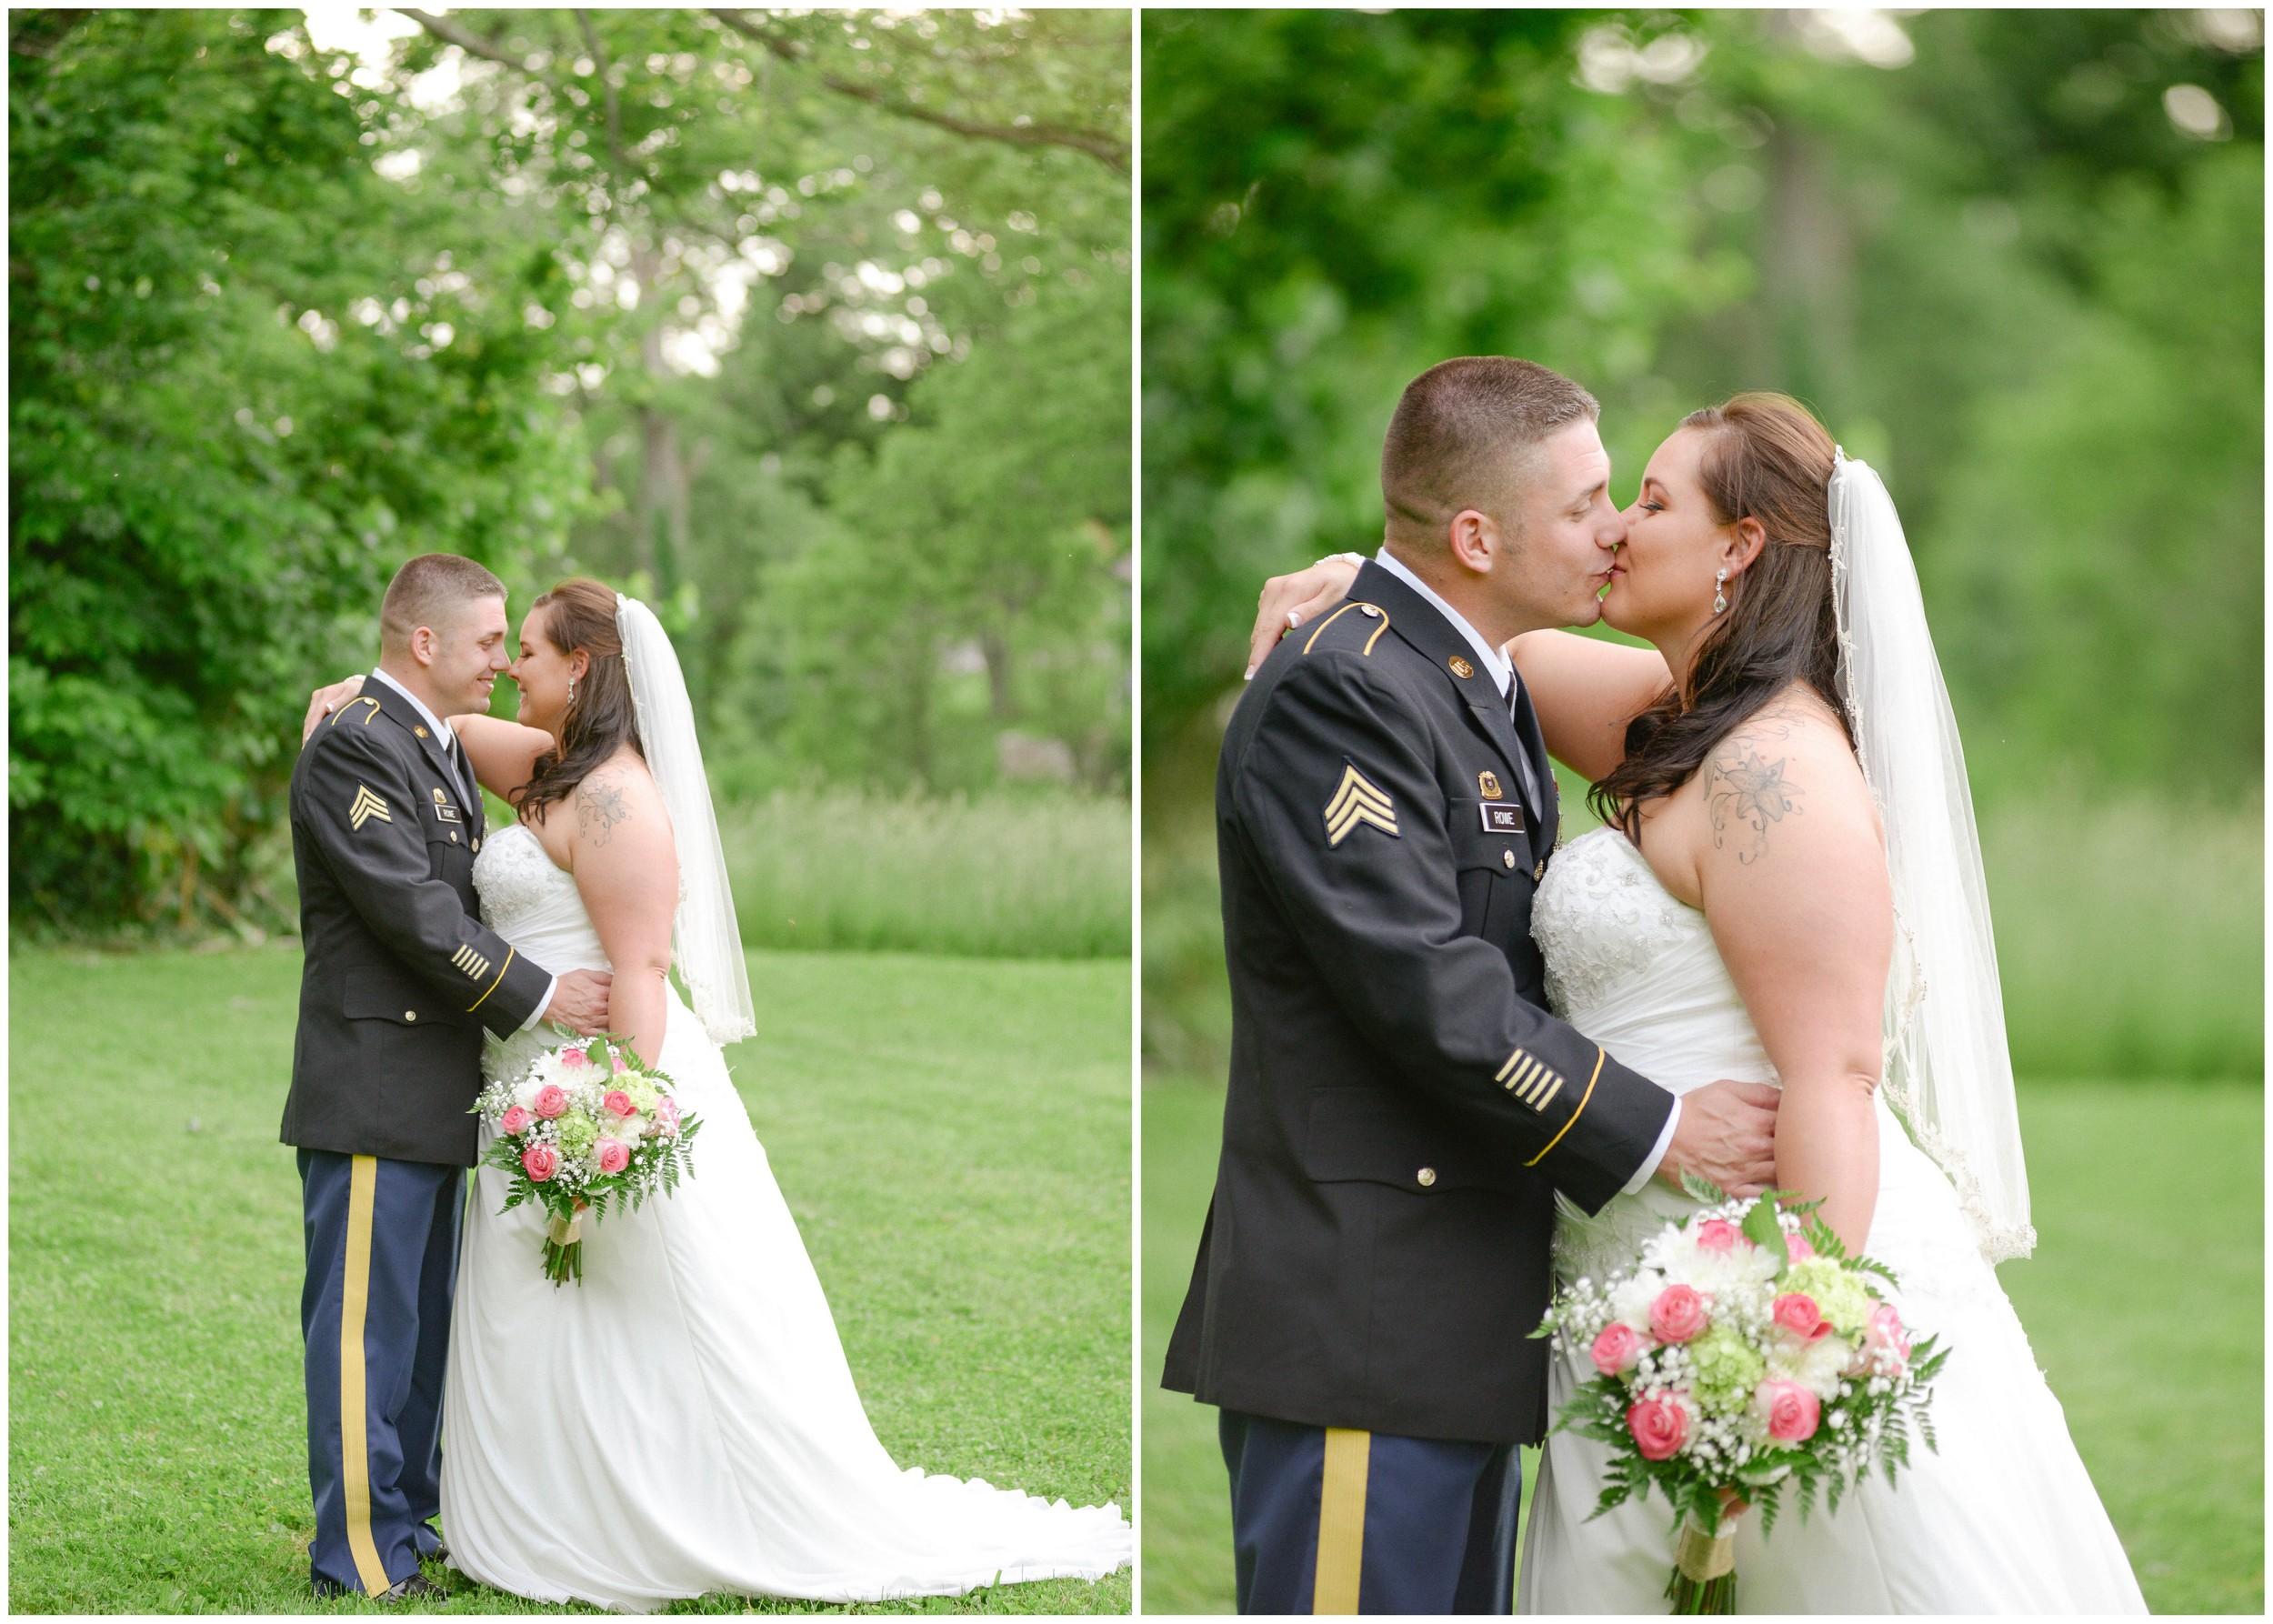 Lexington bride